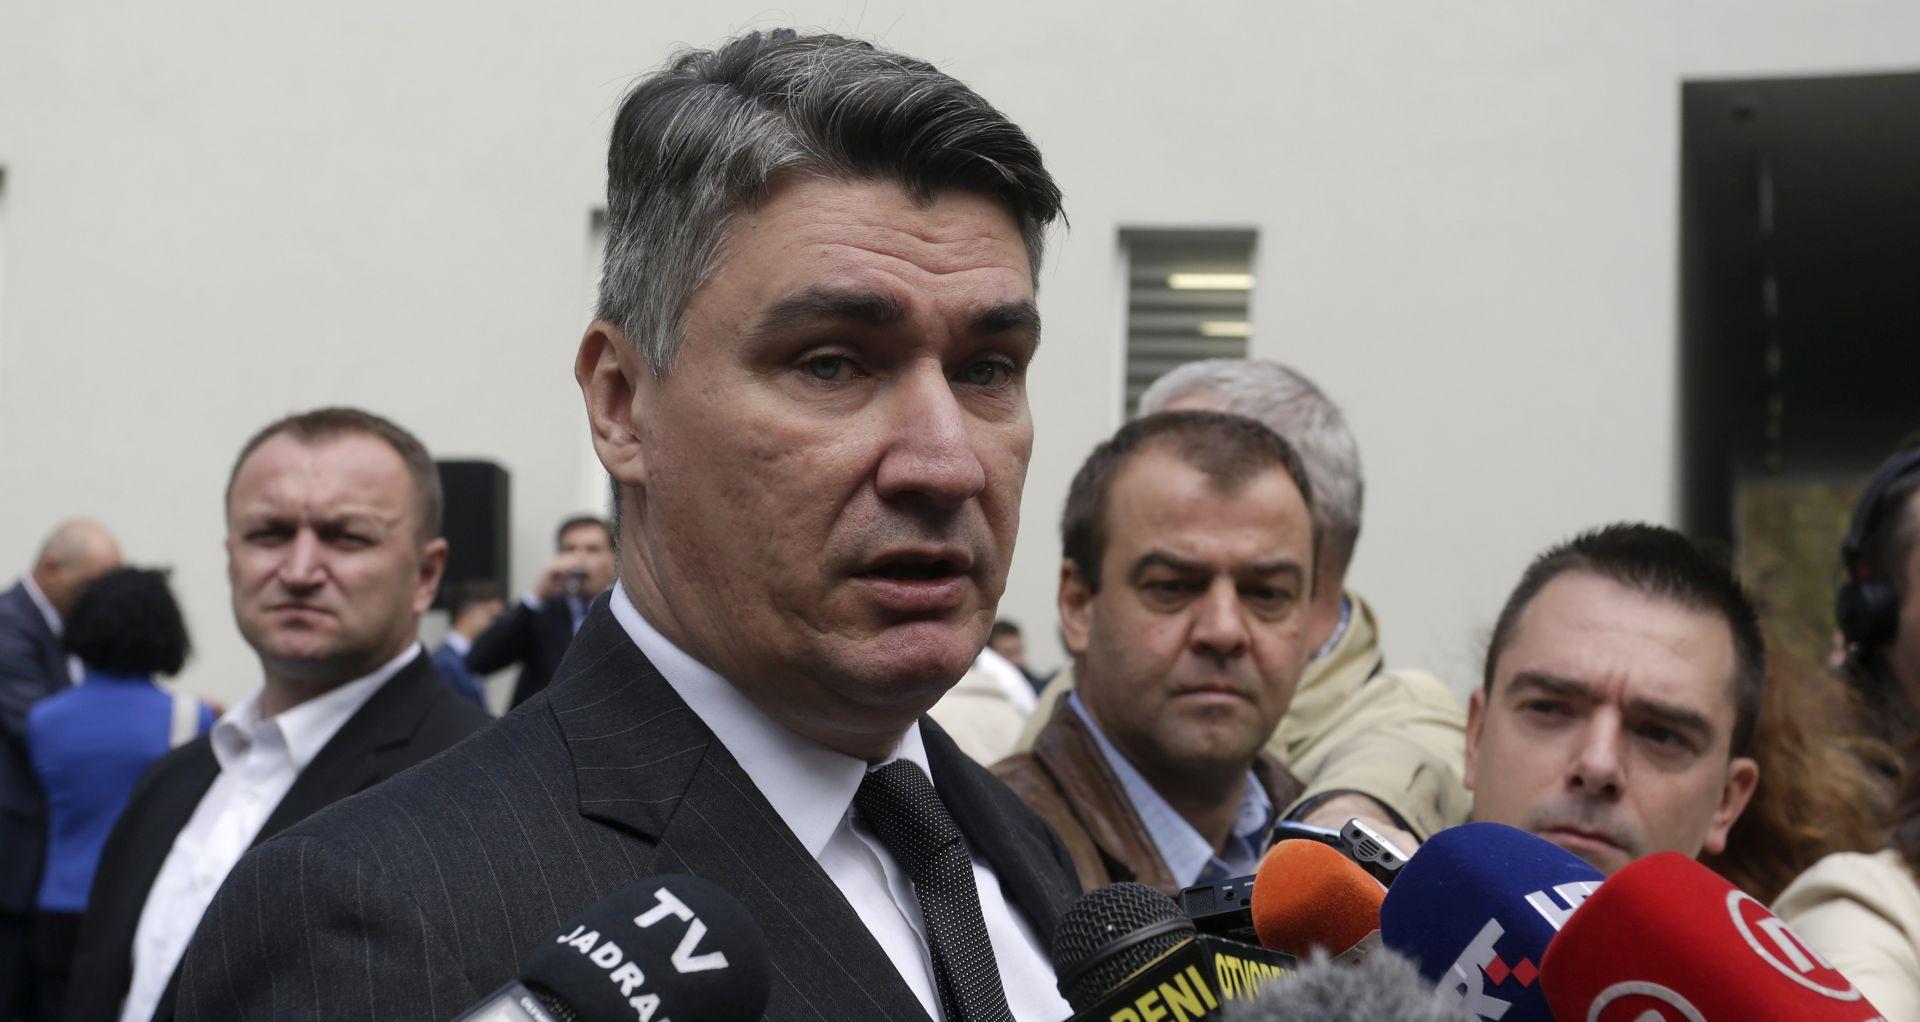 Milanović: Mađarska može raditi što hoće, hrvatski građani mogu biti mirni